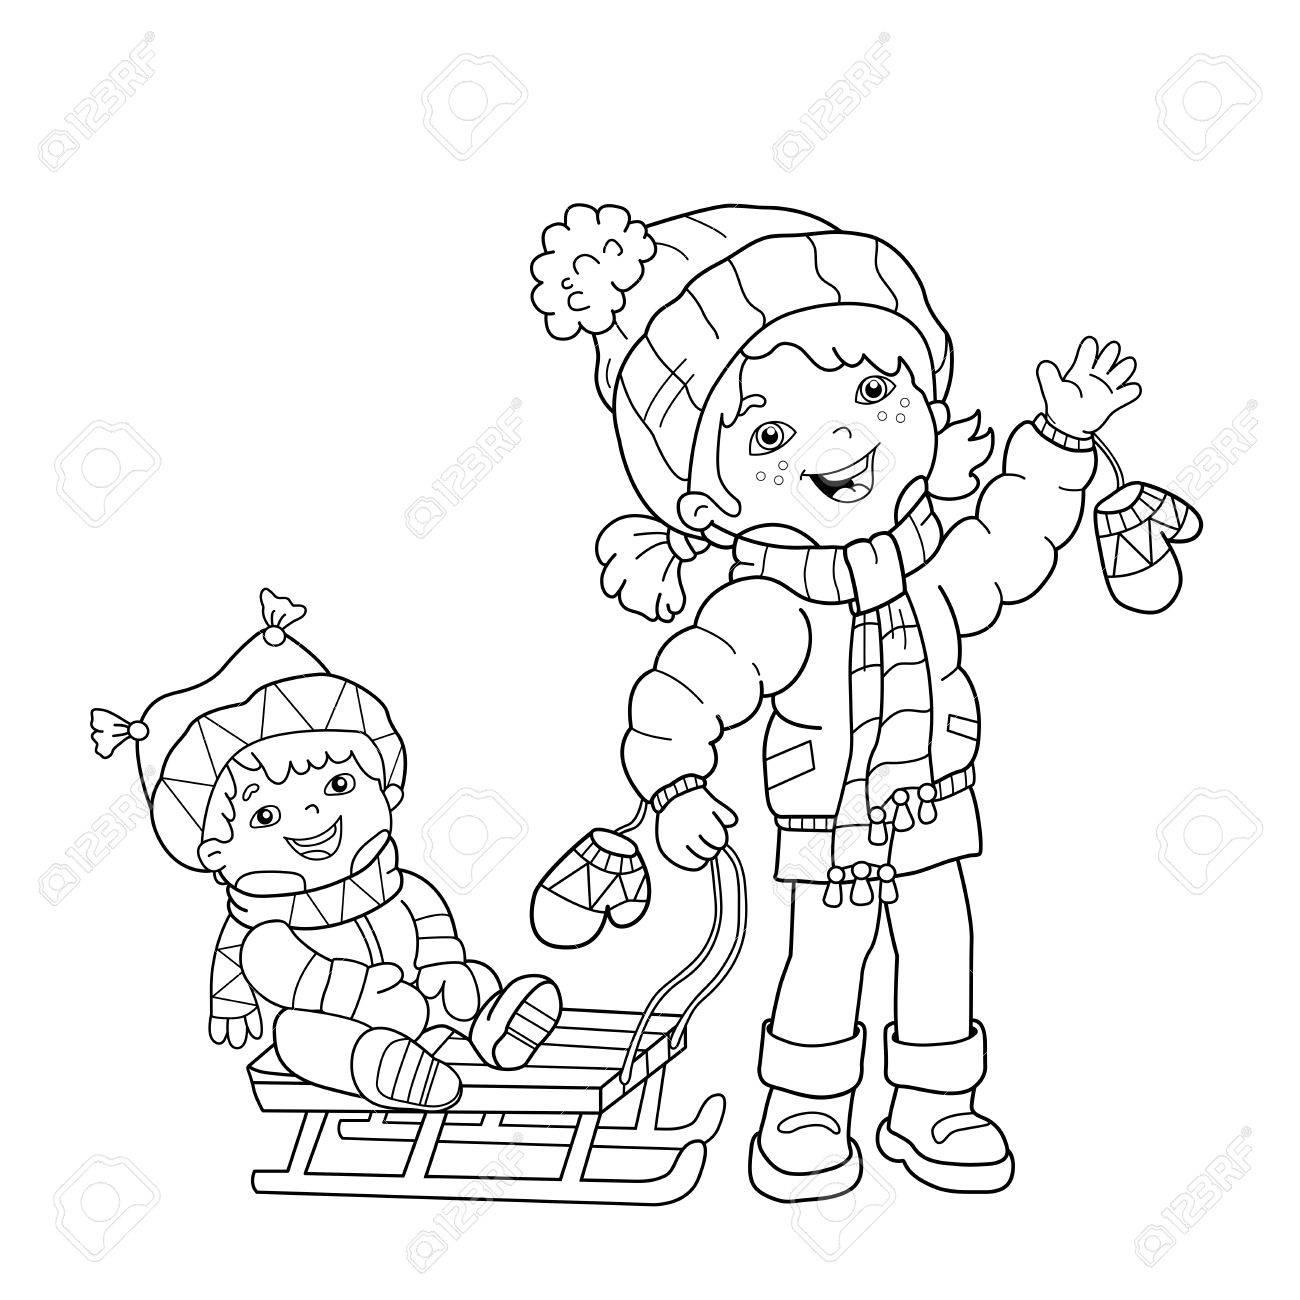 Kleurplaten Winter Slee.Kleurplaat Overzicht Van Cartoon Meisje Met Broer Sleeen Winter Kleurboek Voor Kinderen